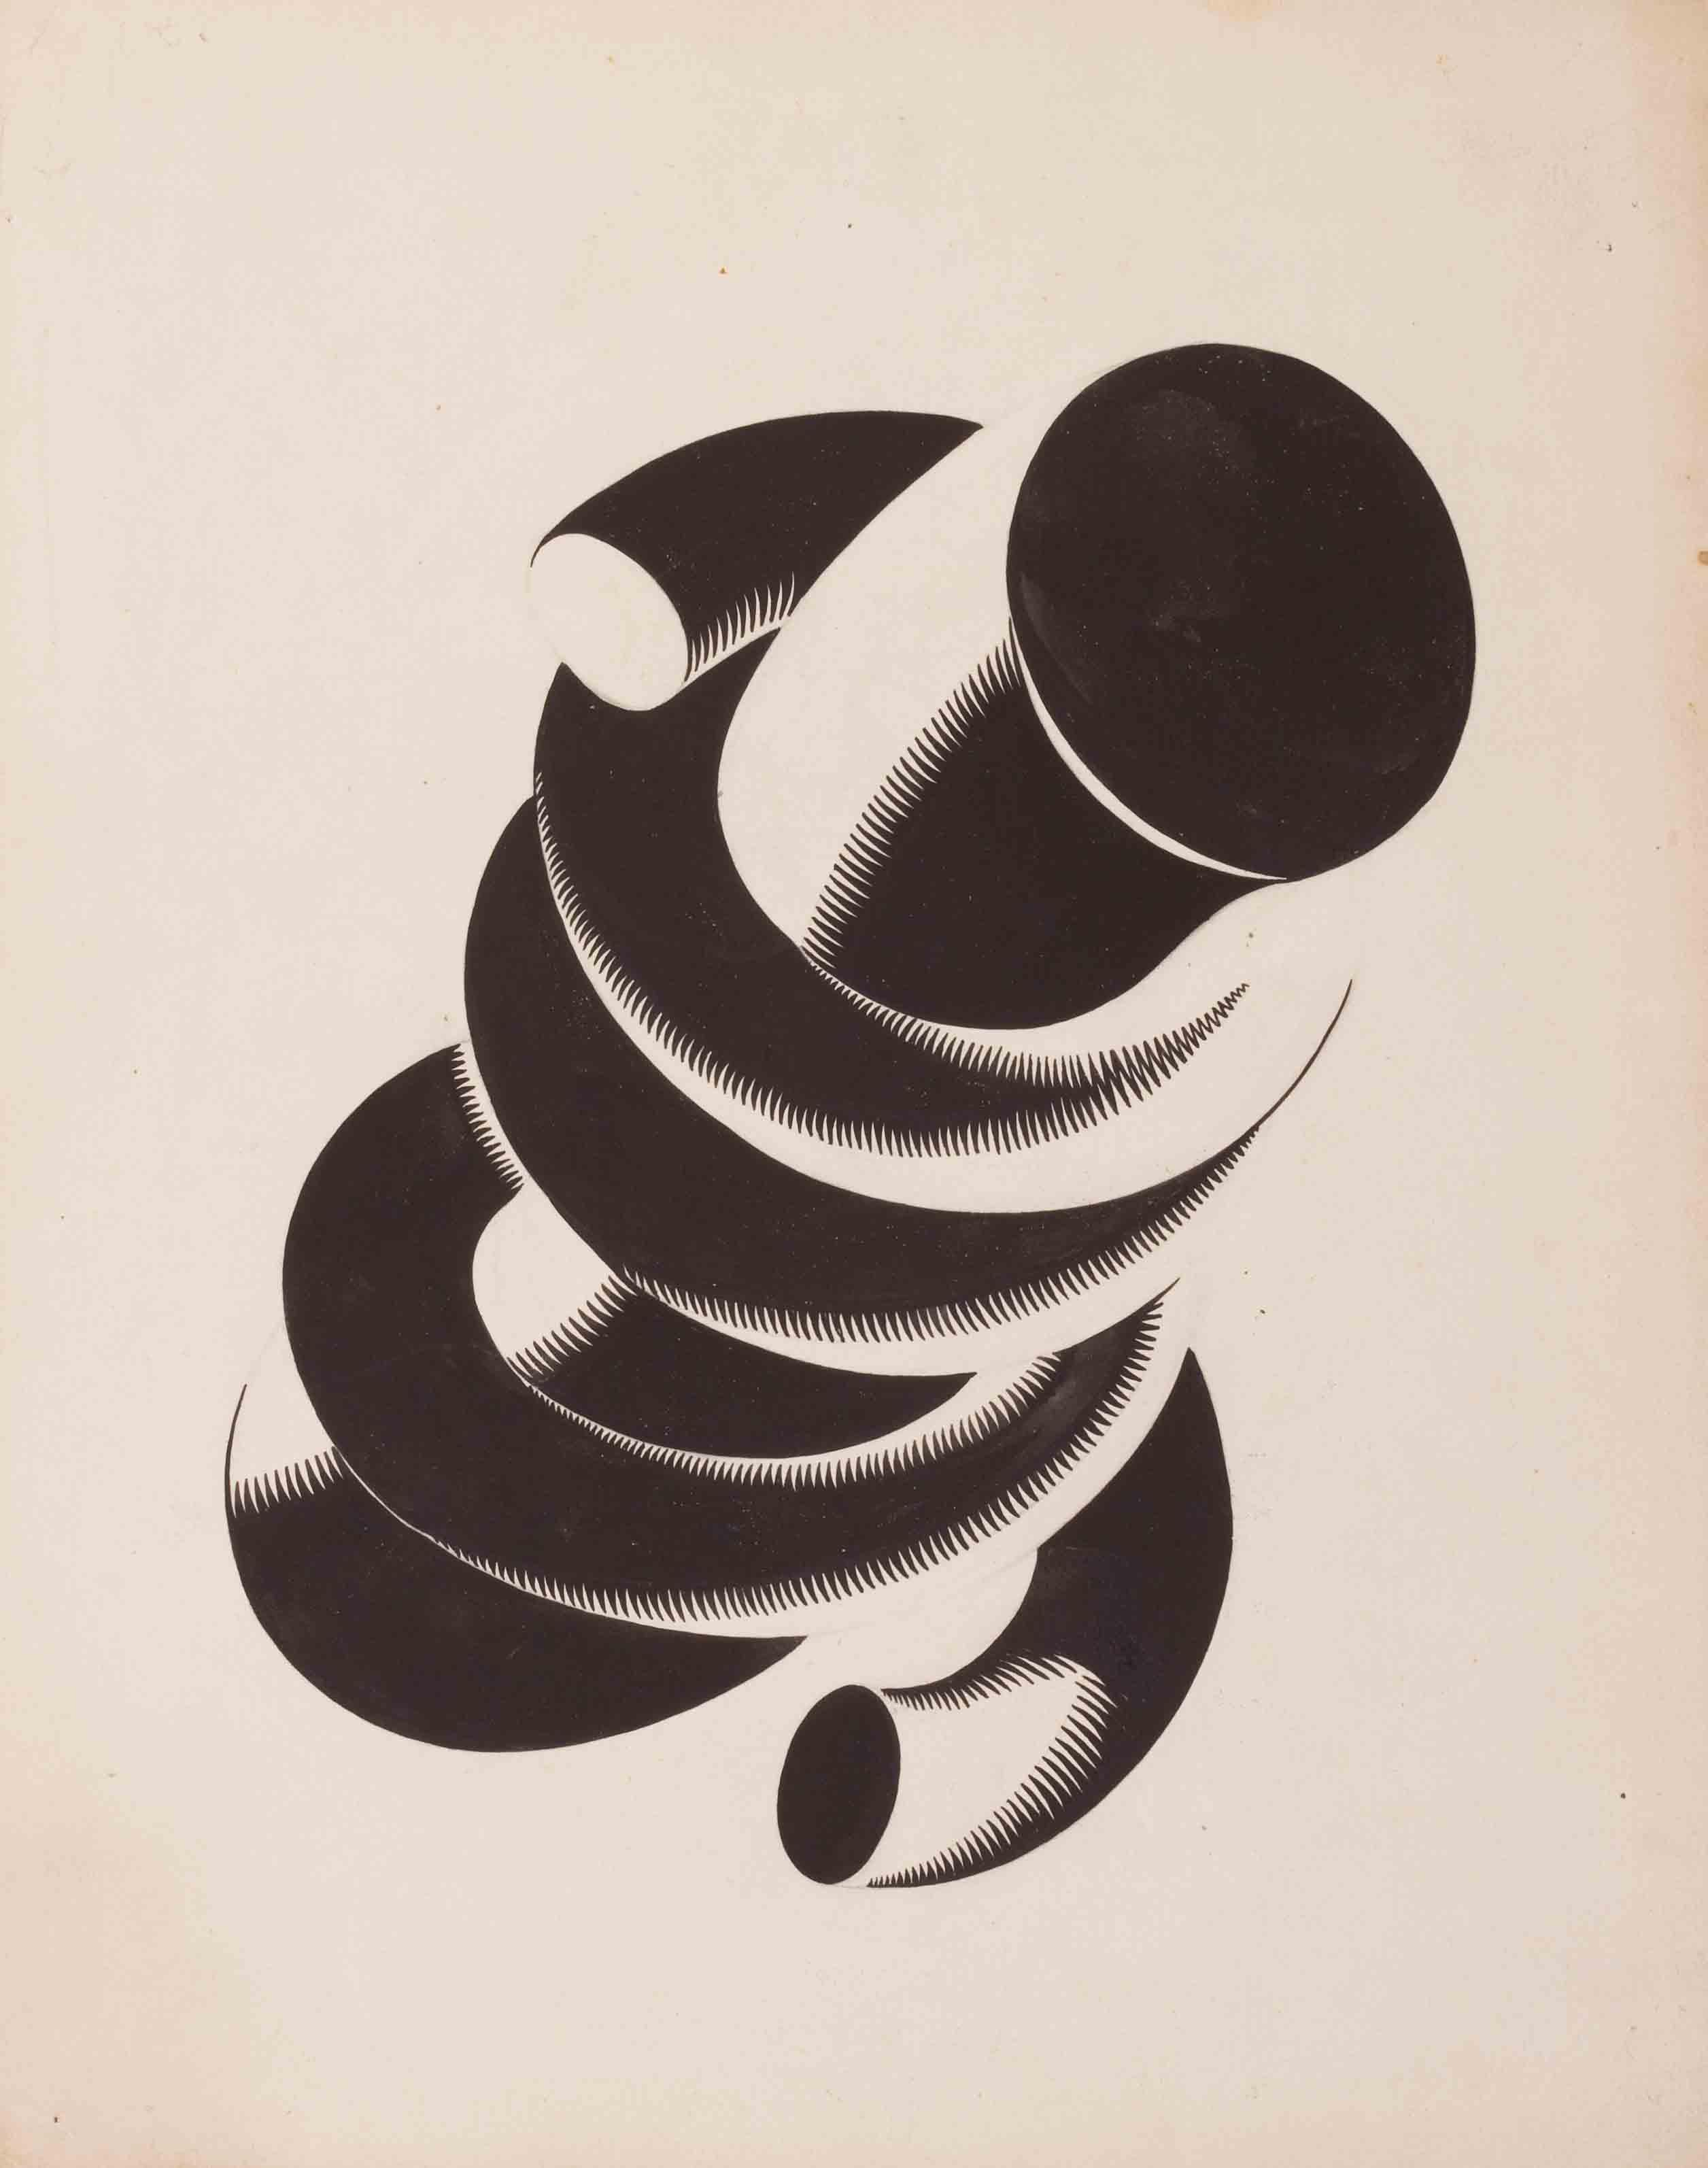 Demonstration of the Scope of a Cylindrical, Curved Form by Insertion of a Cylindrical Rod, mid 1920s - Yakov Chernikhov